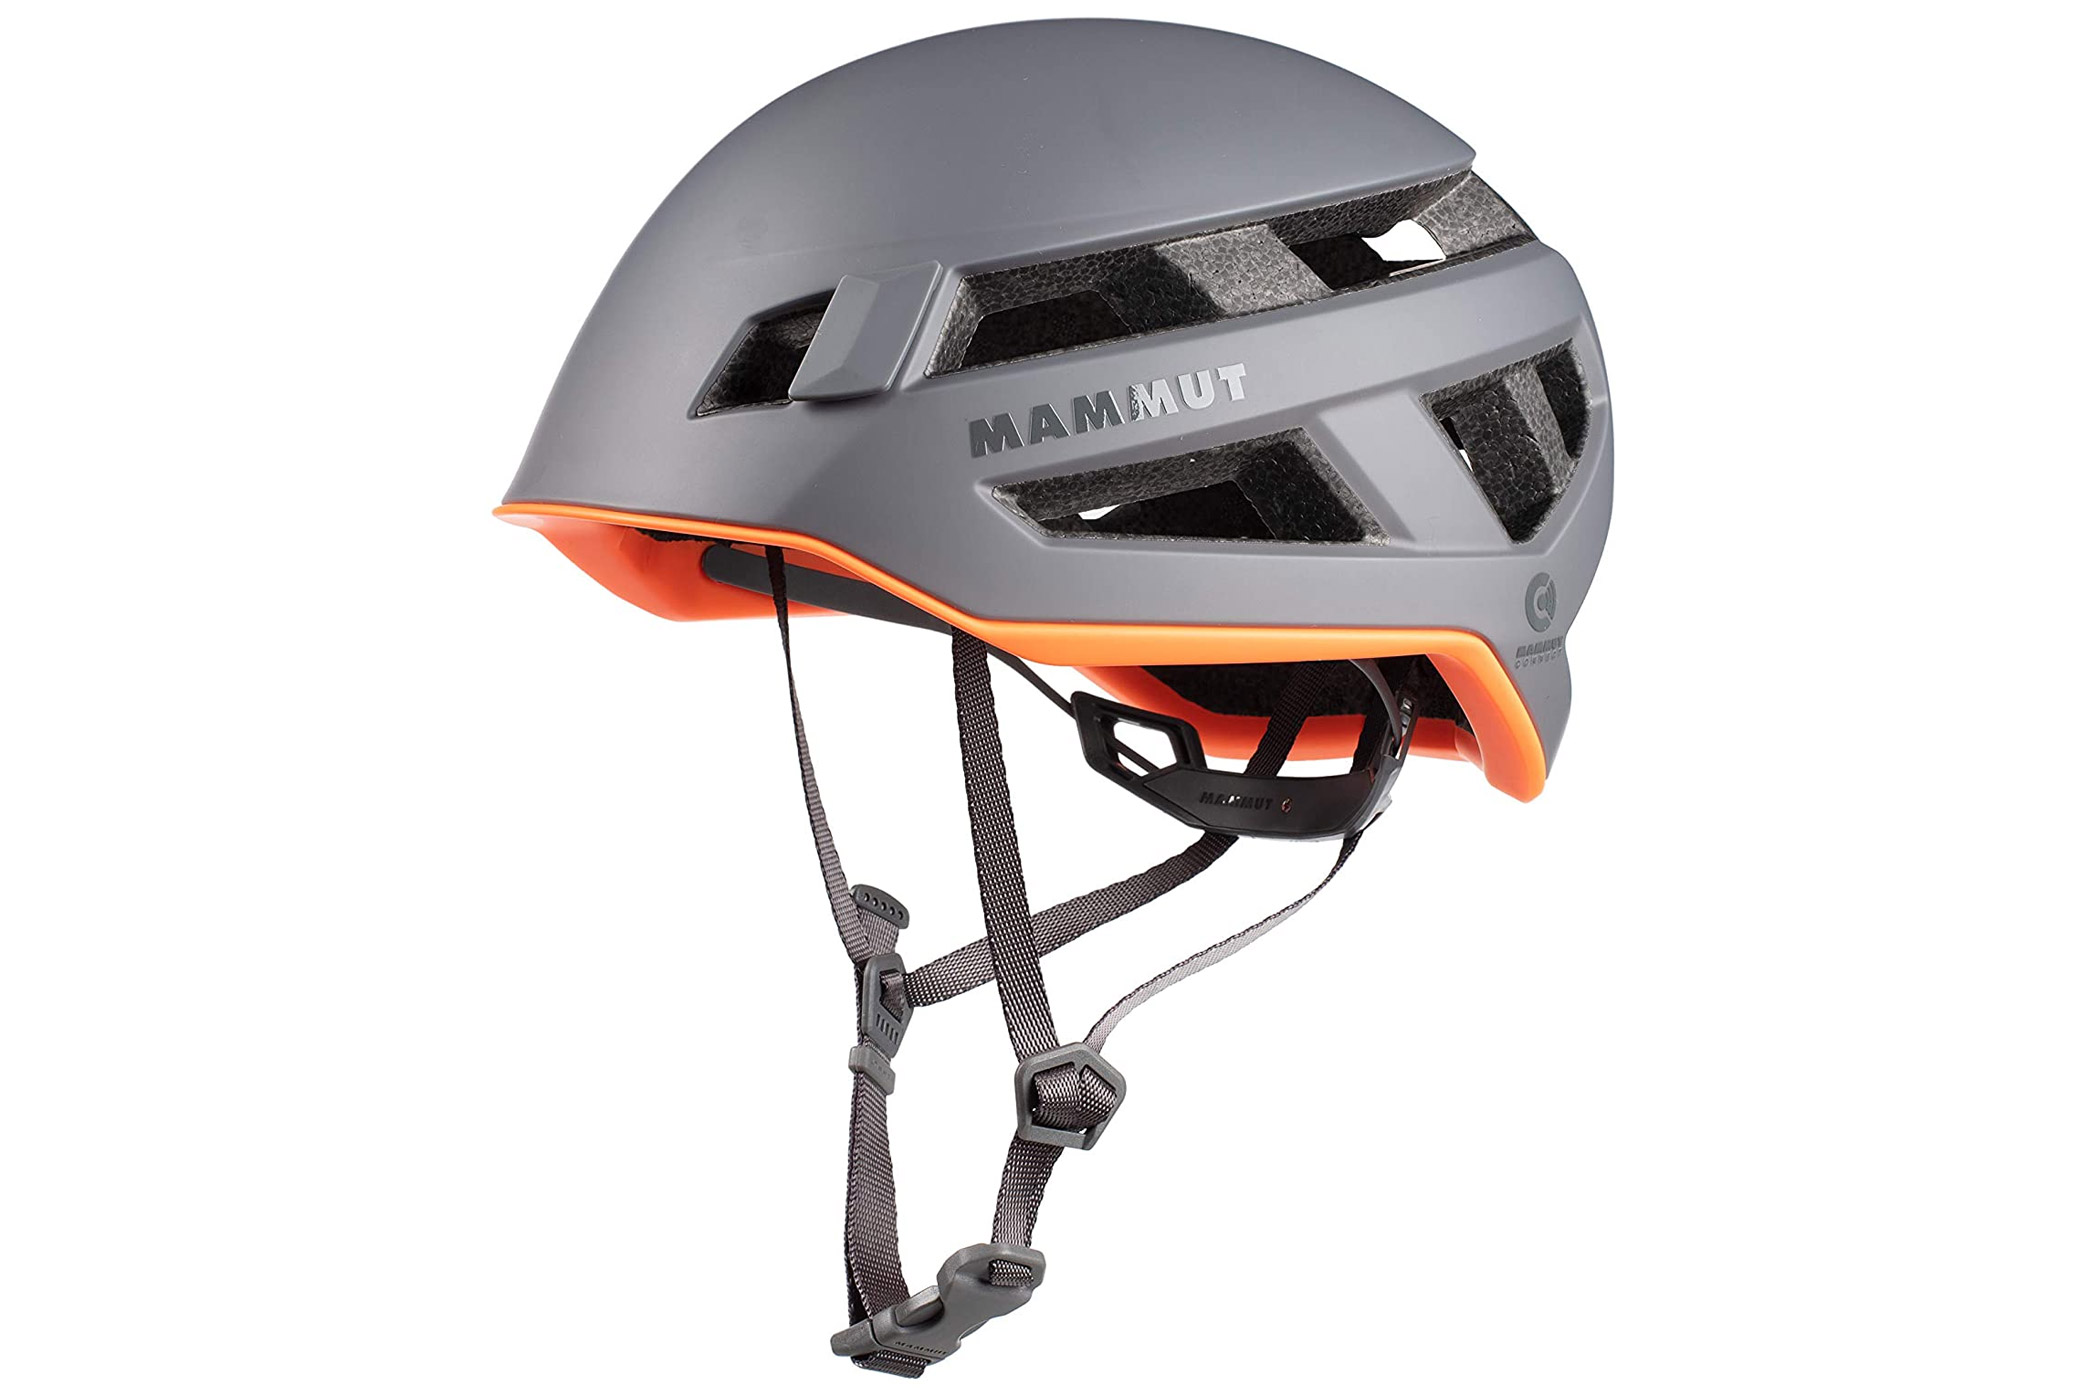 mammut crag sender climbing helmet